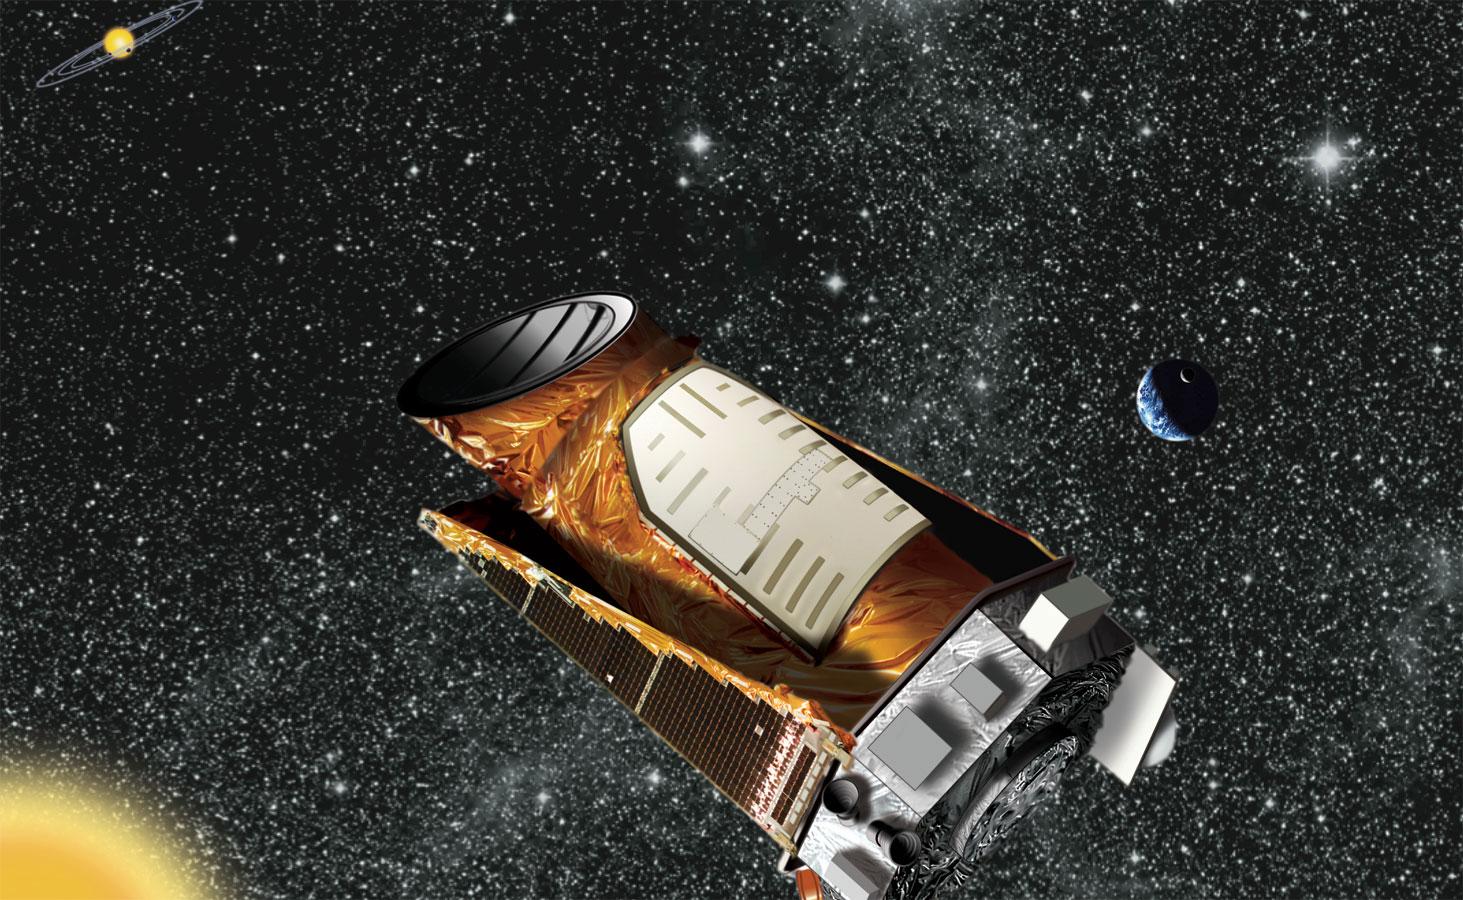 Kepler Space Telescope: Artist's Concept